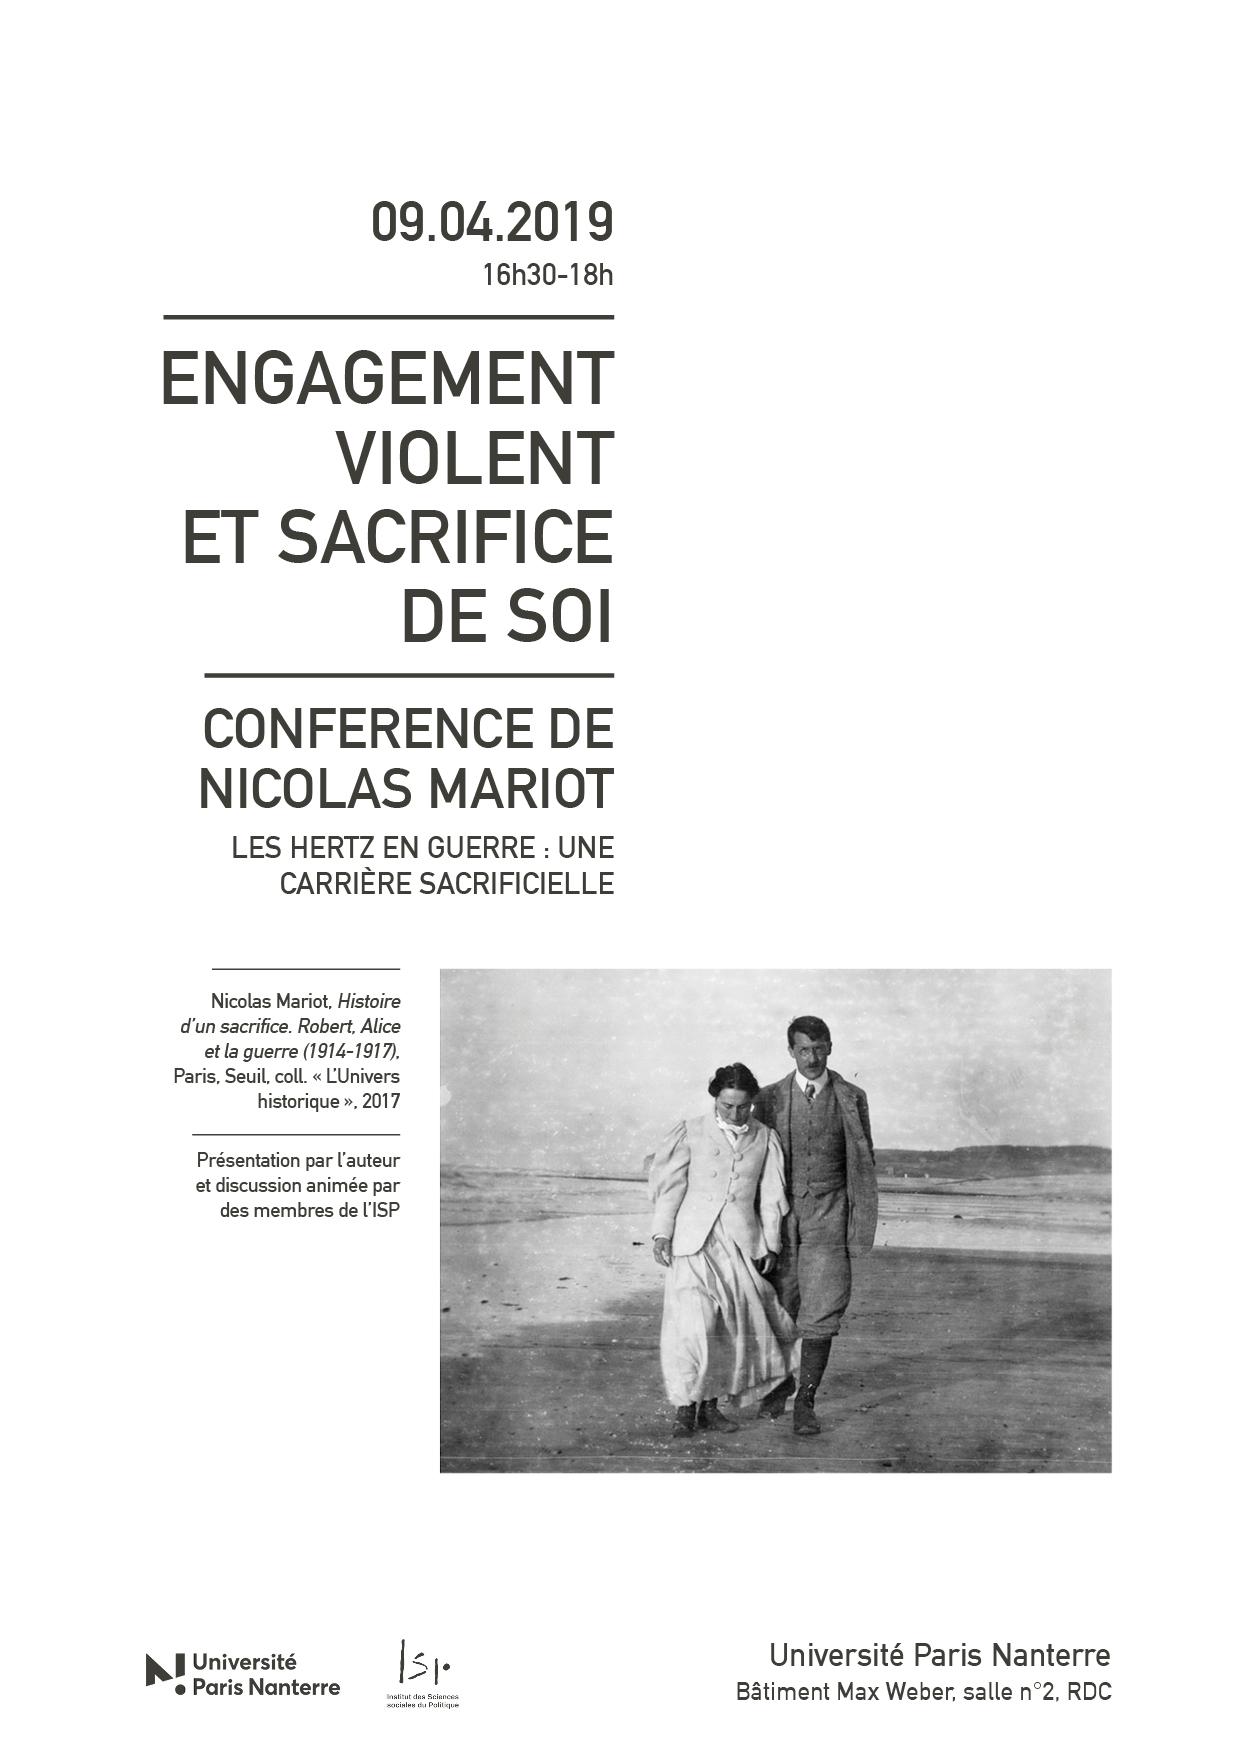 «Engagement violent et sacrifice de soi»